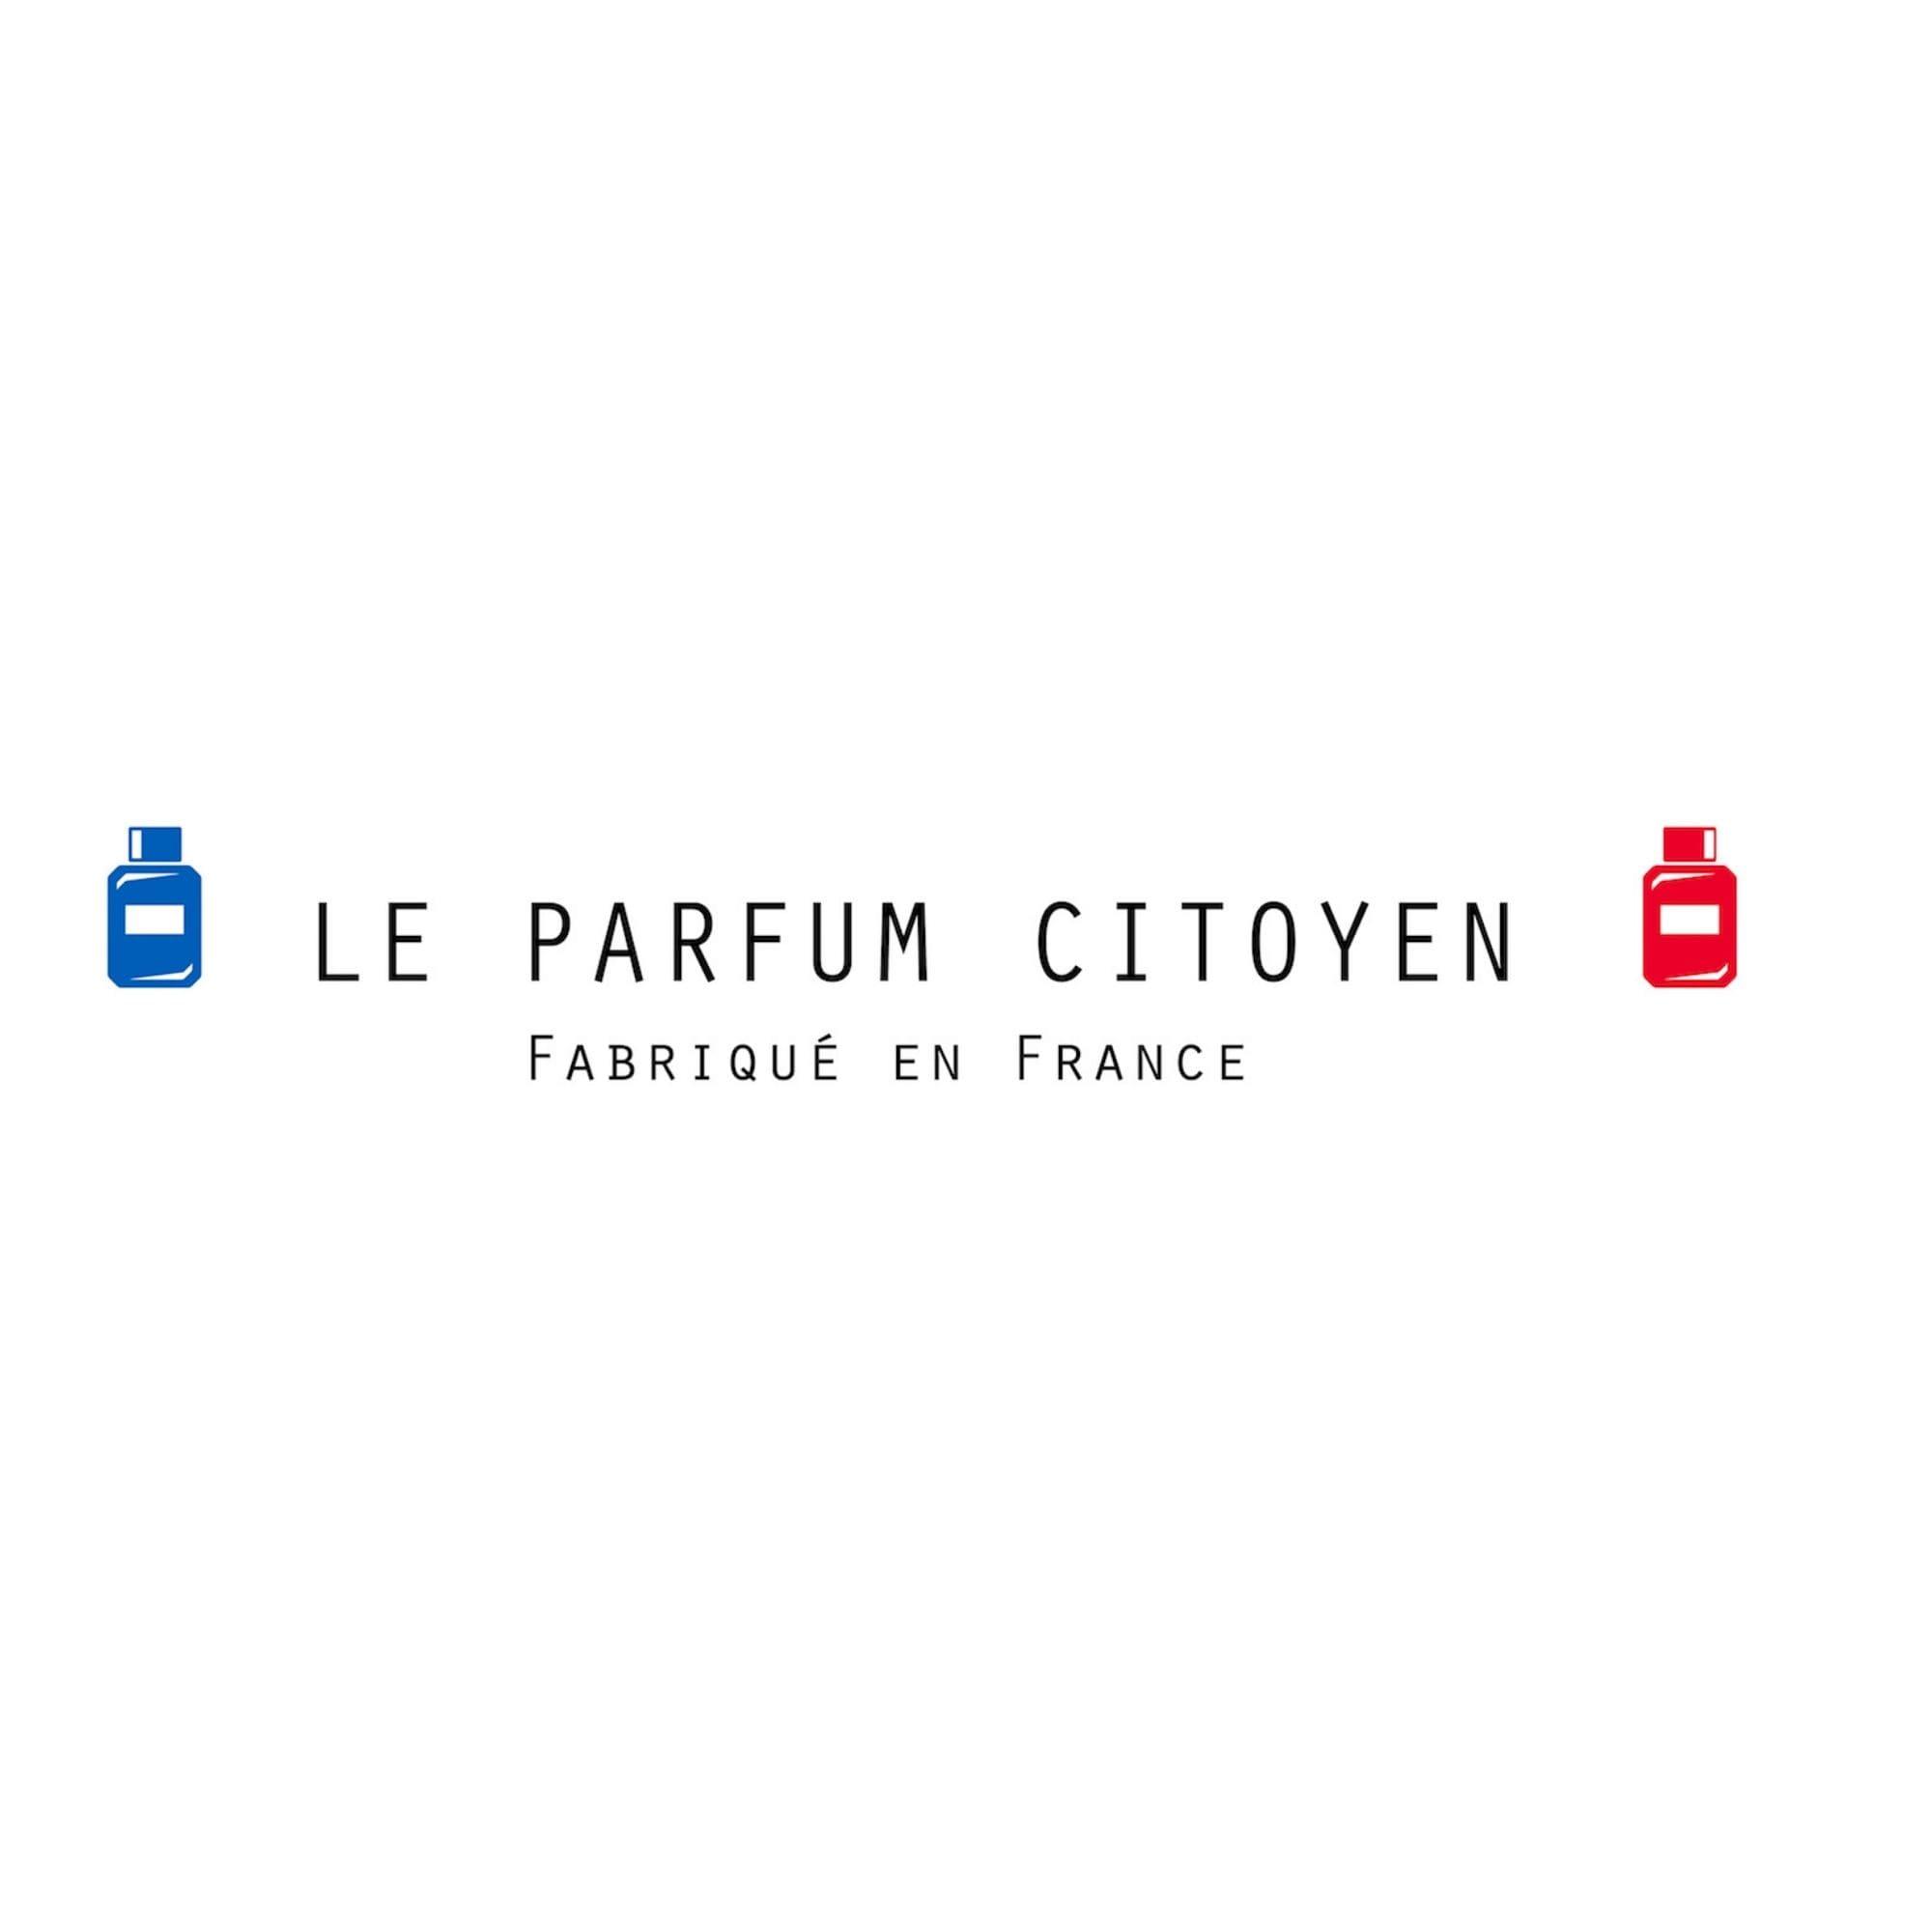 LE PARFUM CITOYEN